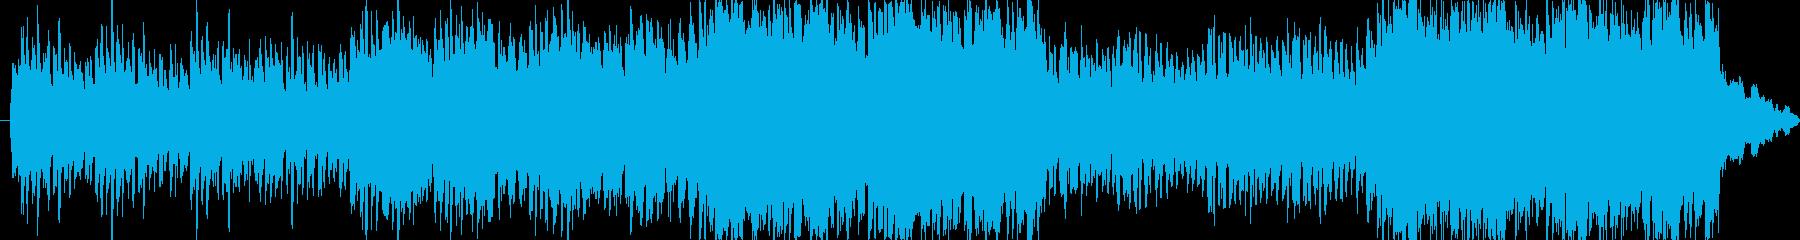 ティーン アンビエント 民謡 コー...の再生済みの波形